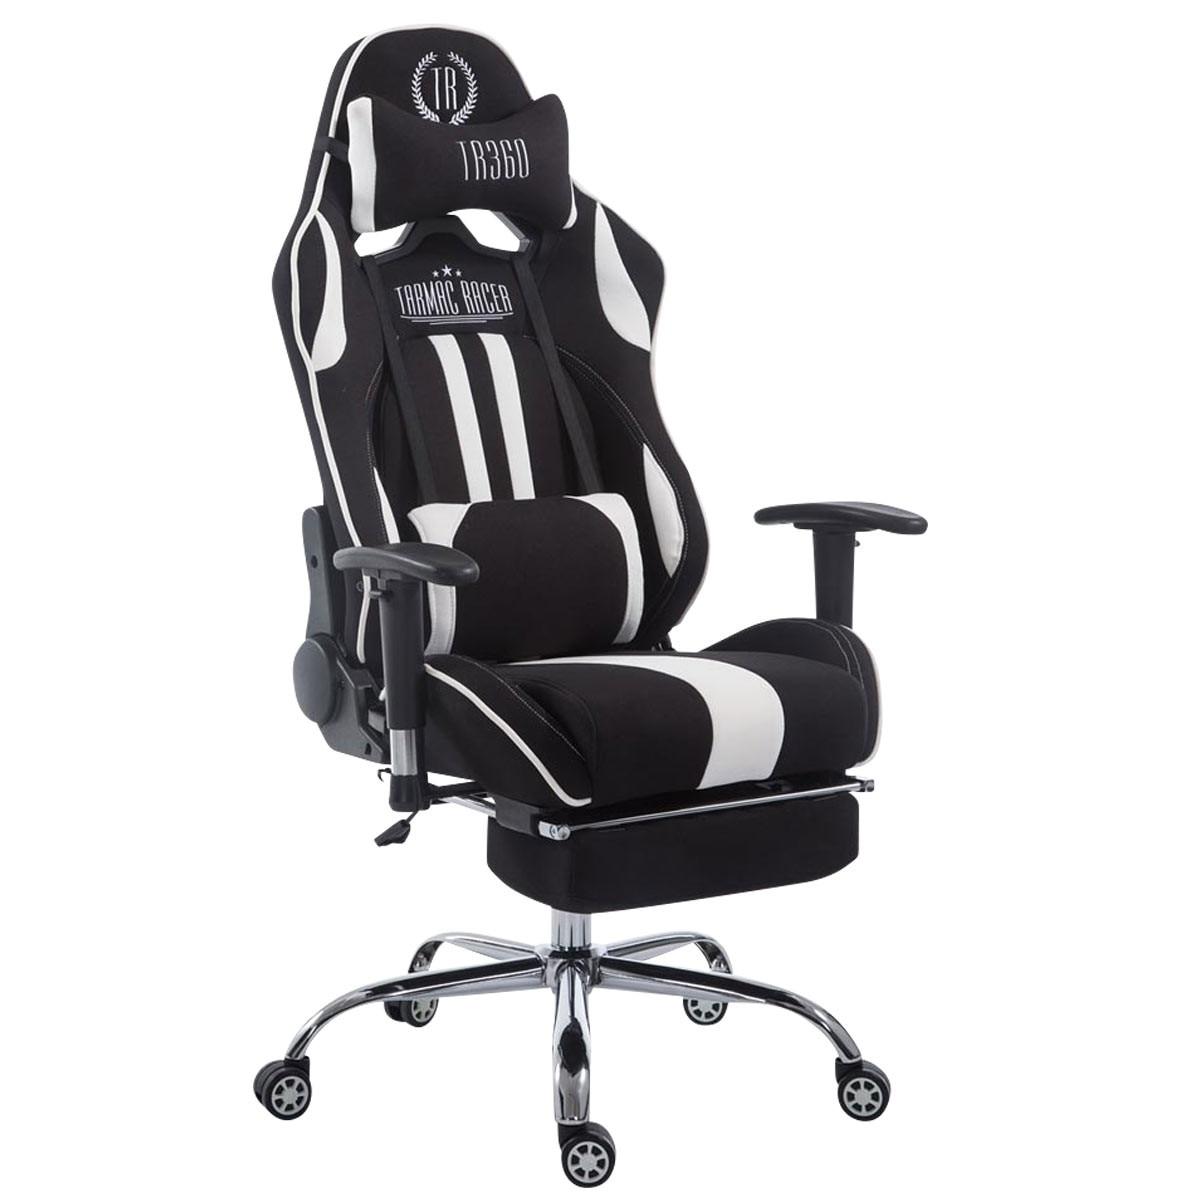 Limit gamer szék lábtartóval (sárga) eMAG.hu